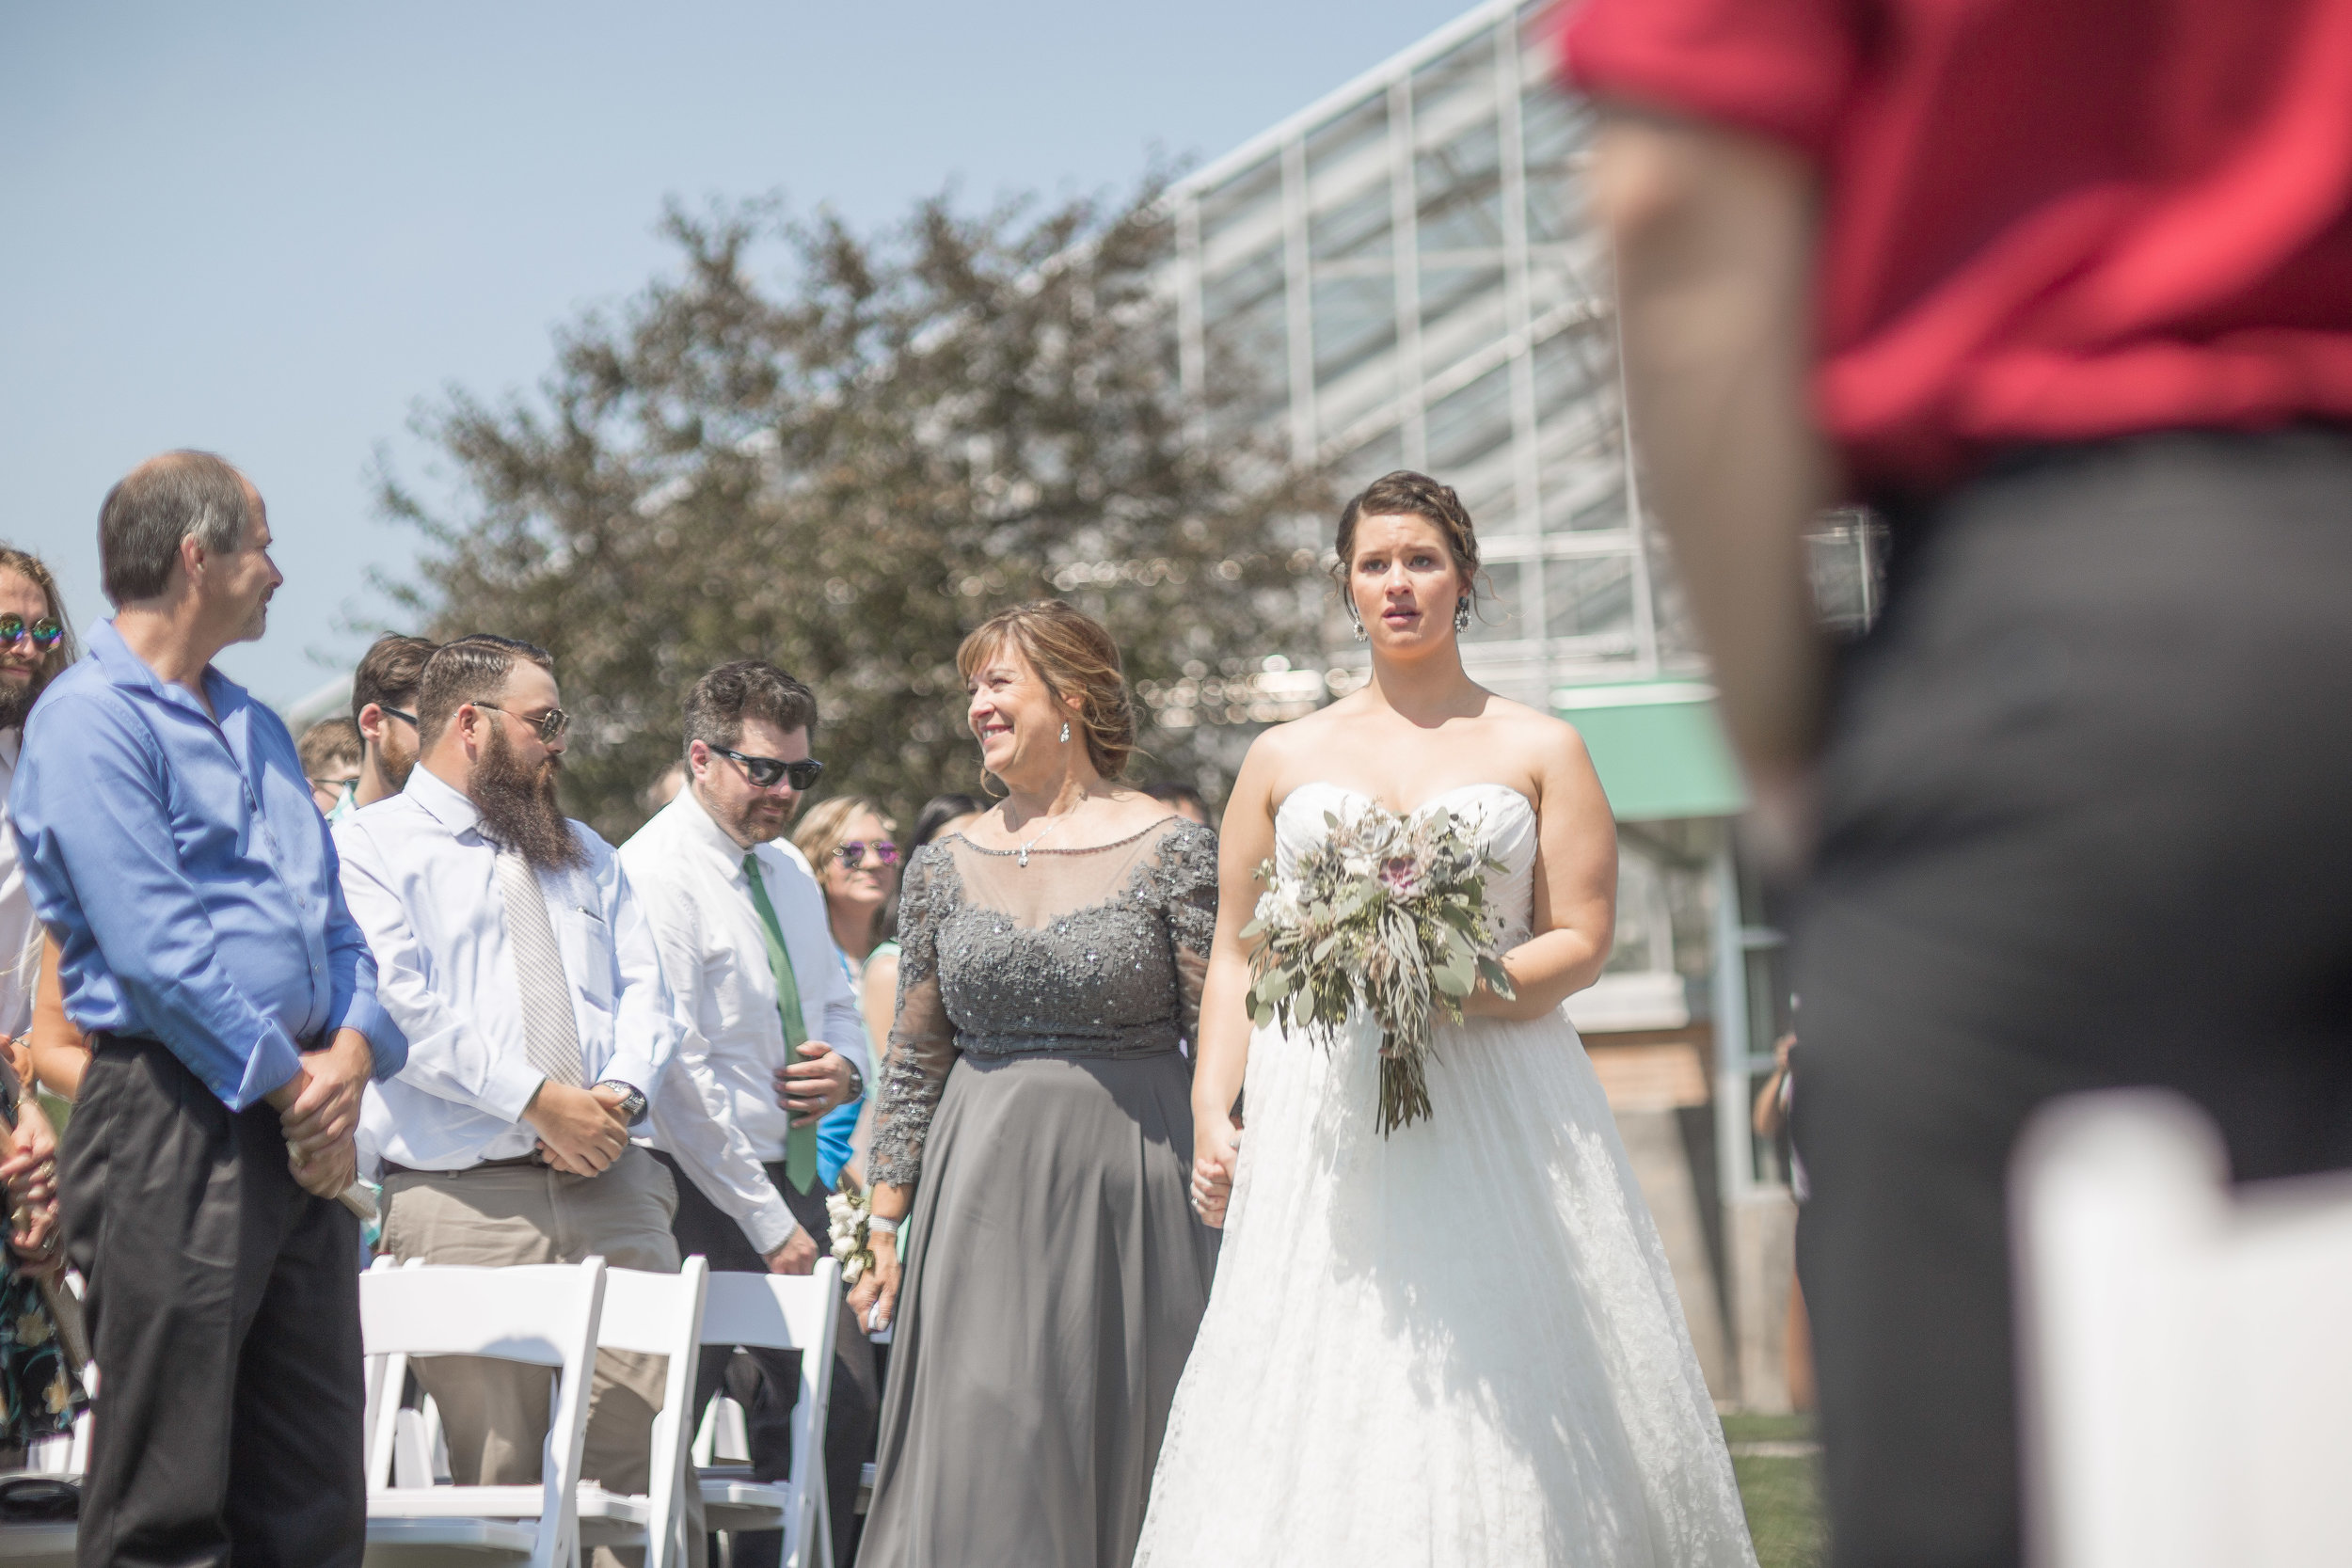 C_Wedding_Sarver, Alyssa & Scott_FOR BLOG-61.JPG